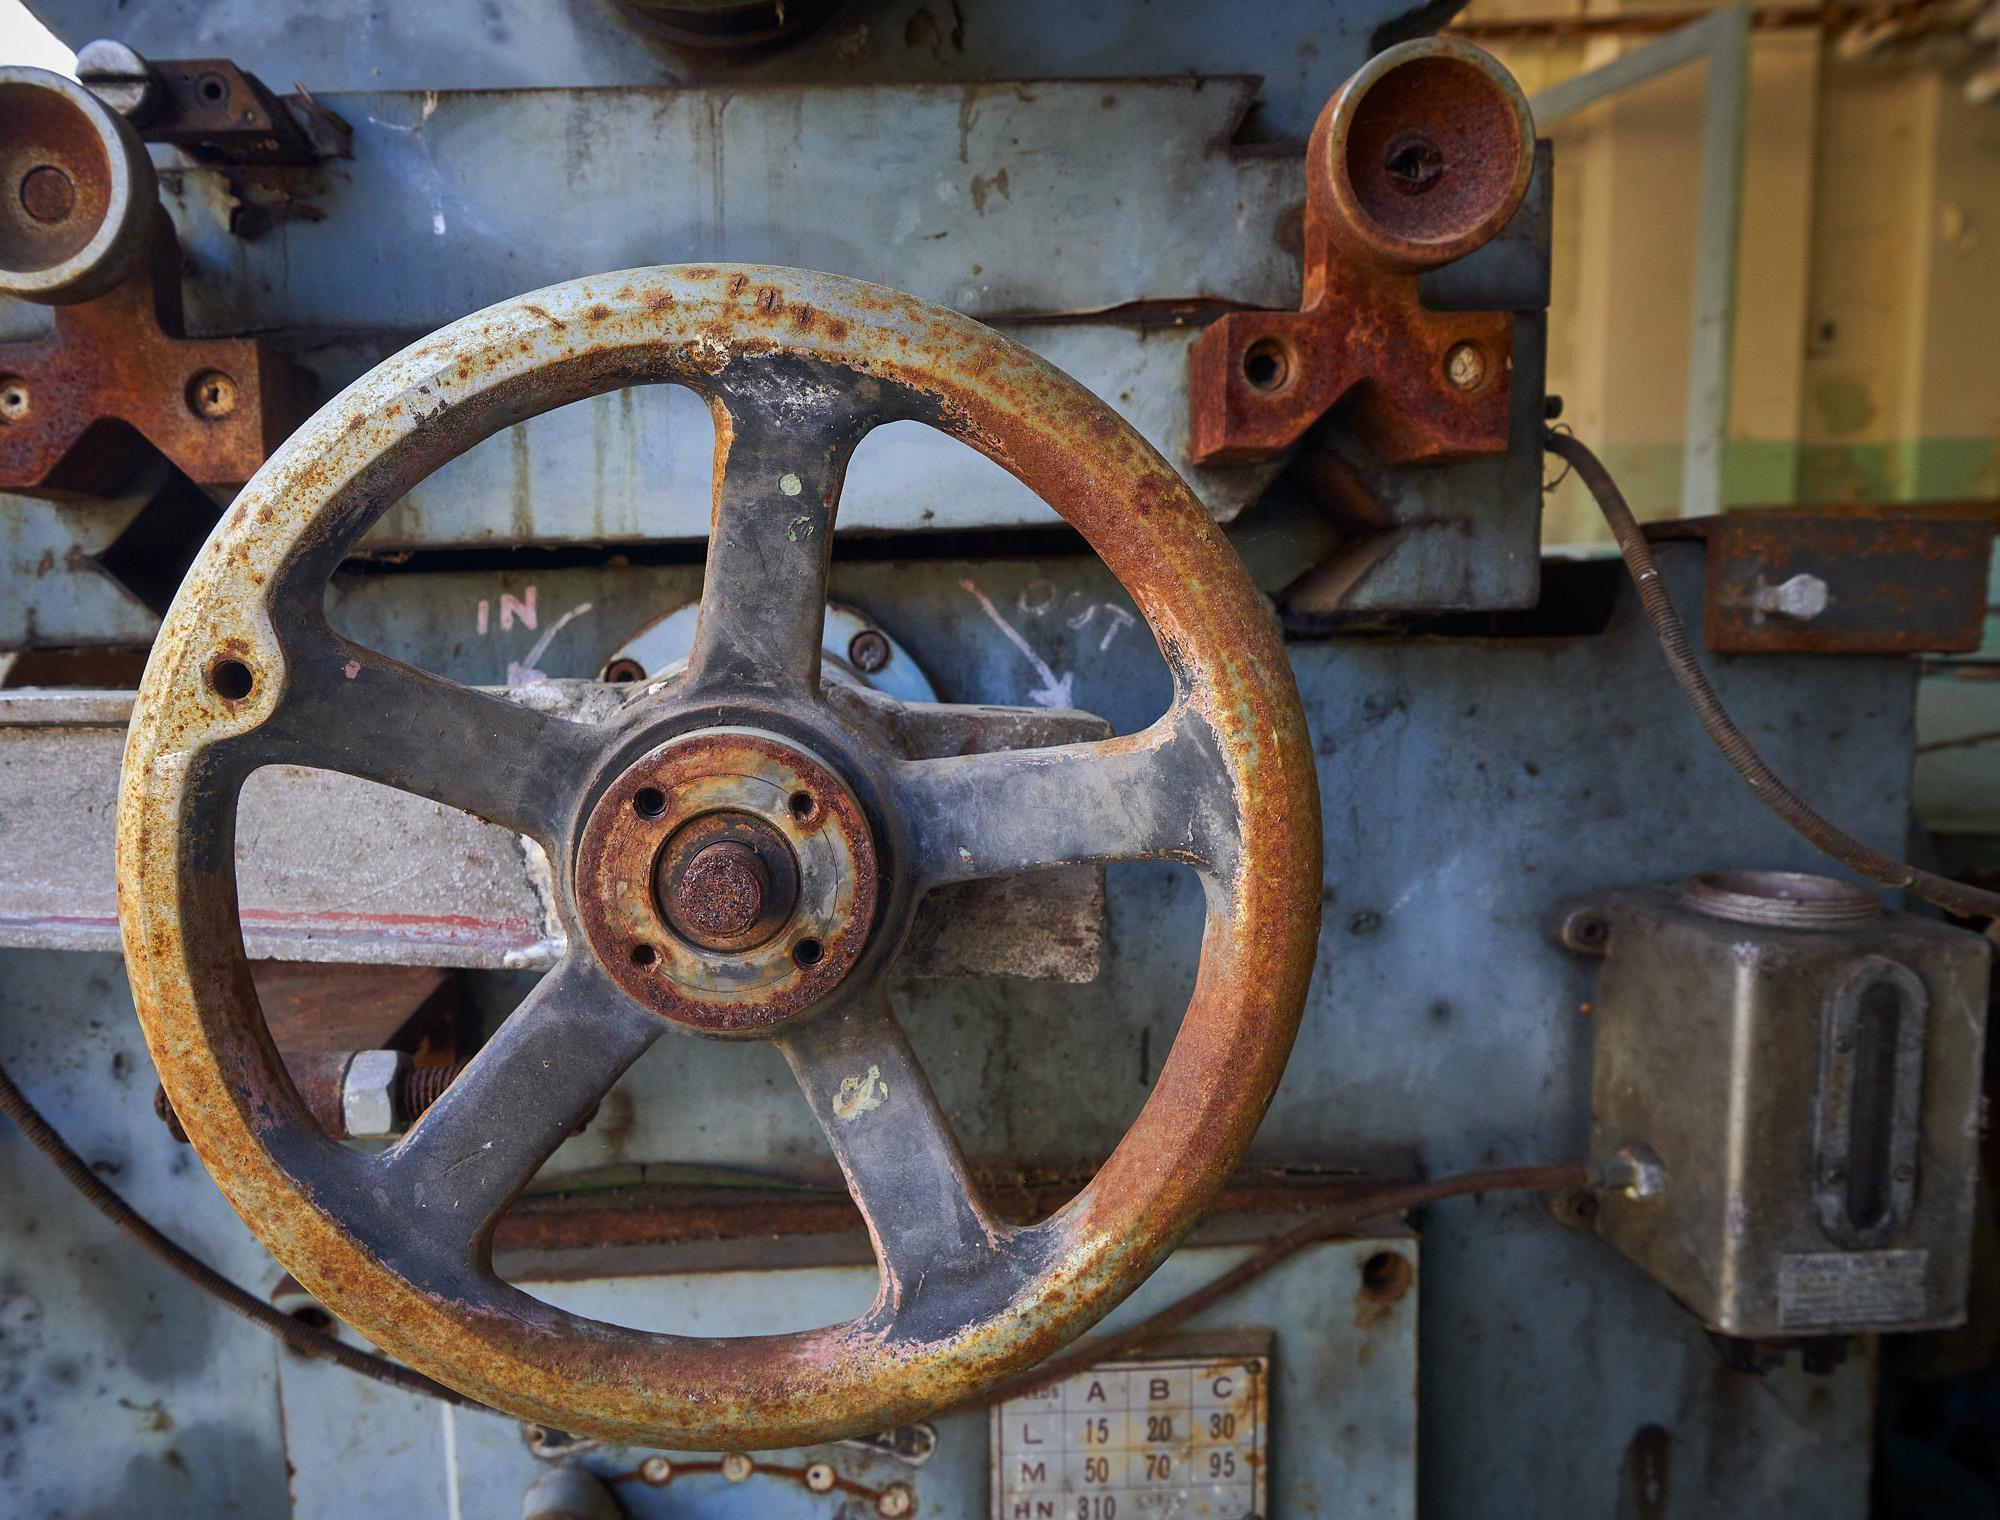 Wheels, lots of wheels